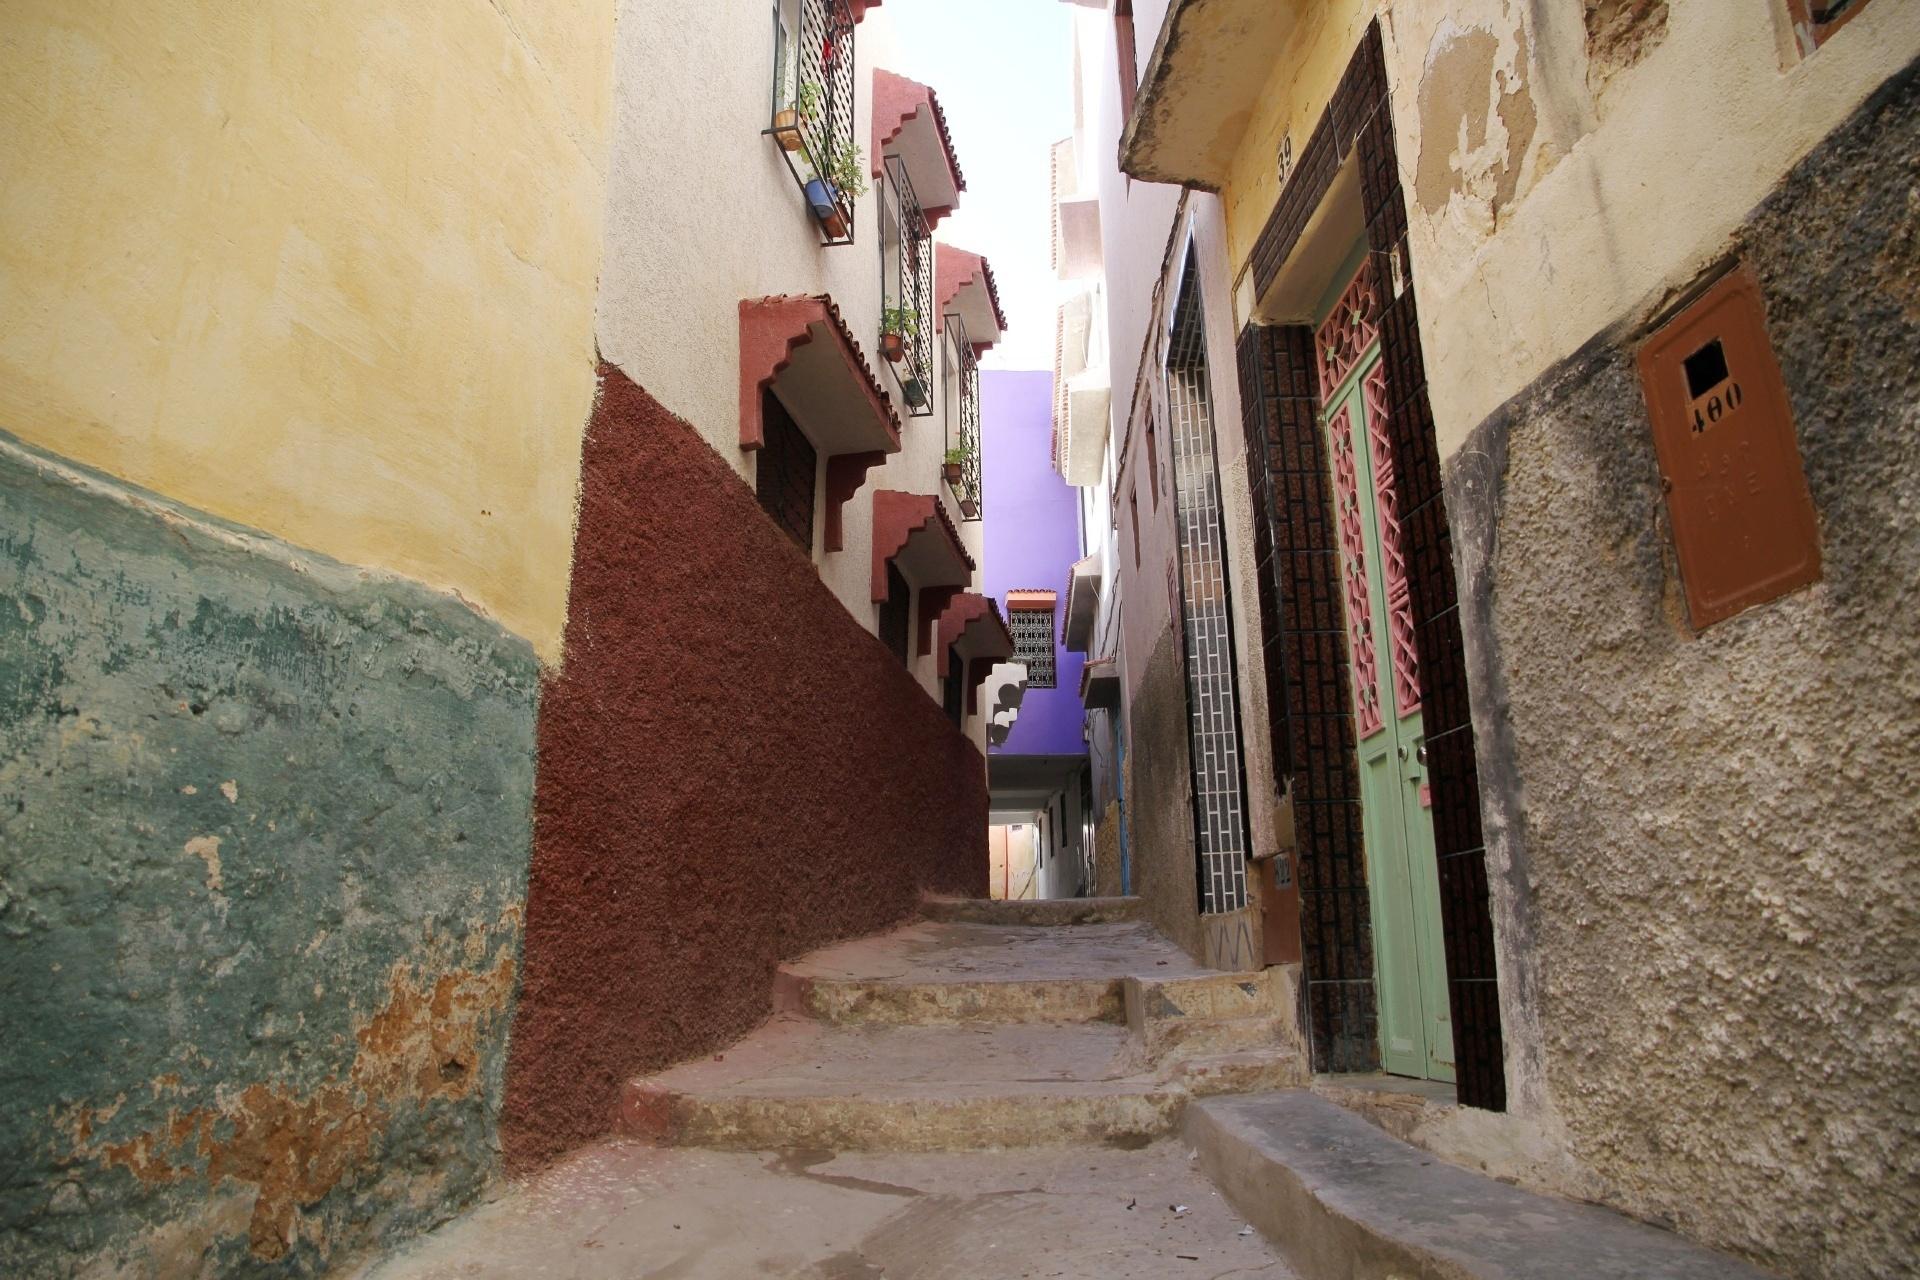 聖なる都市として知られるムーレイ・イドリスの路地 モロッコの風景